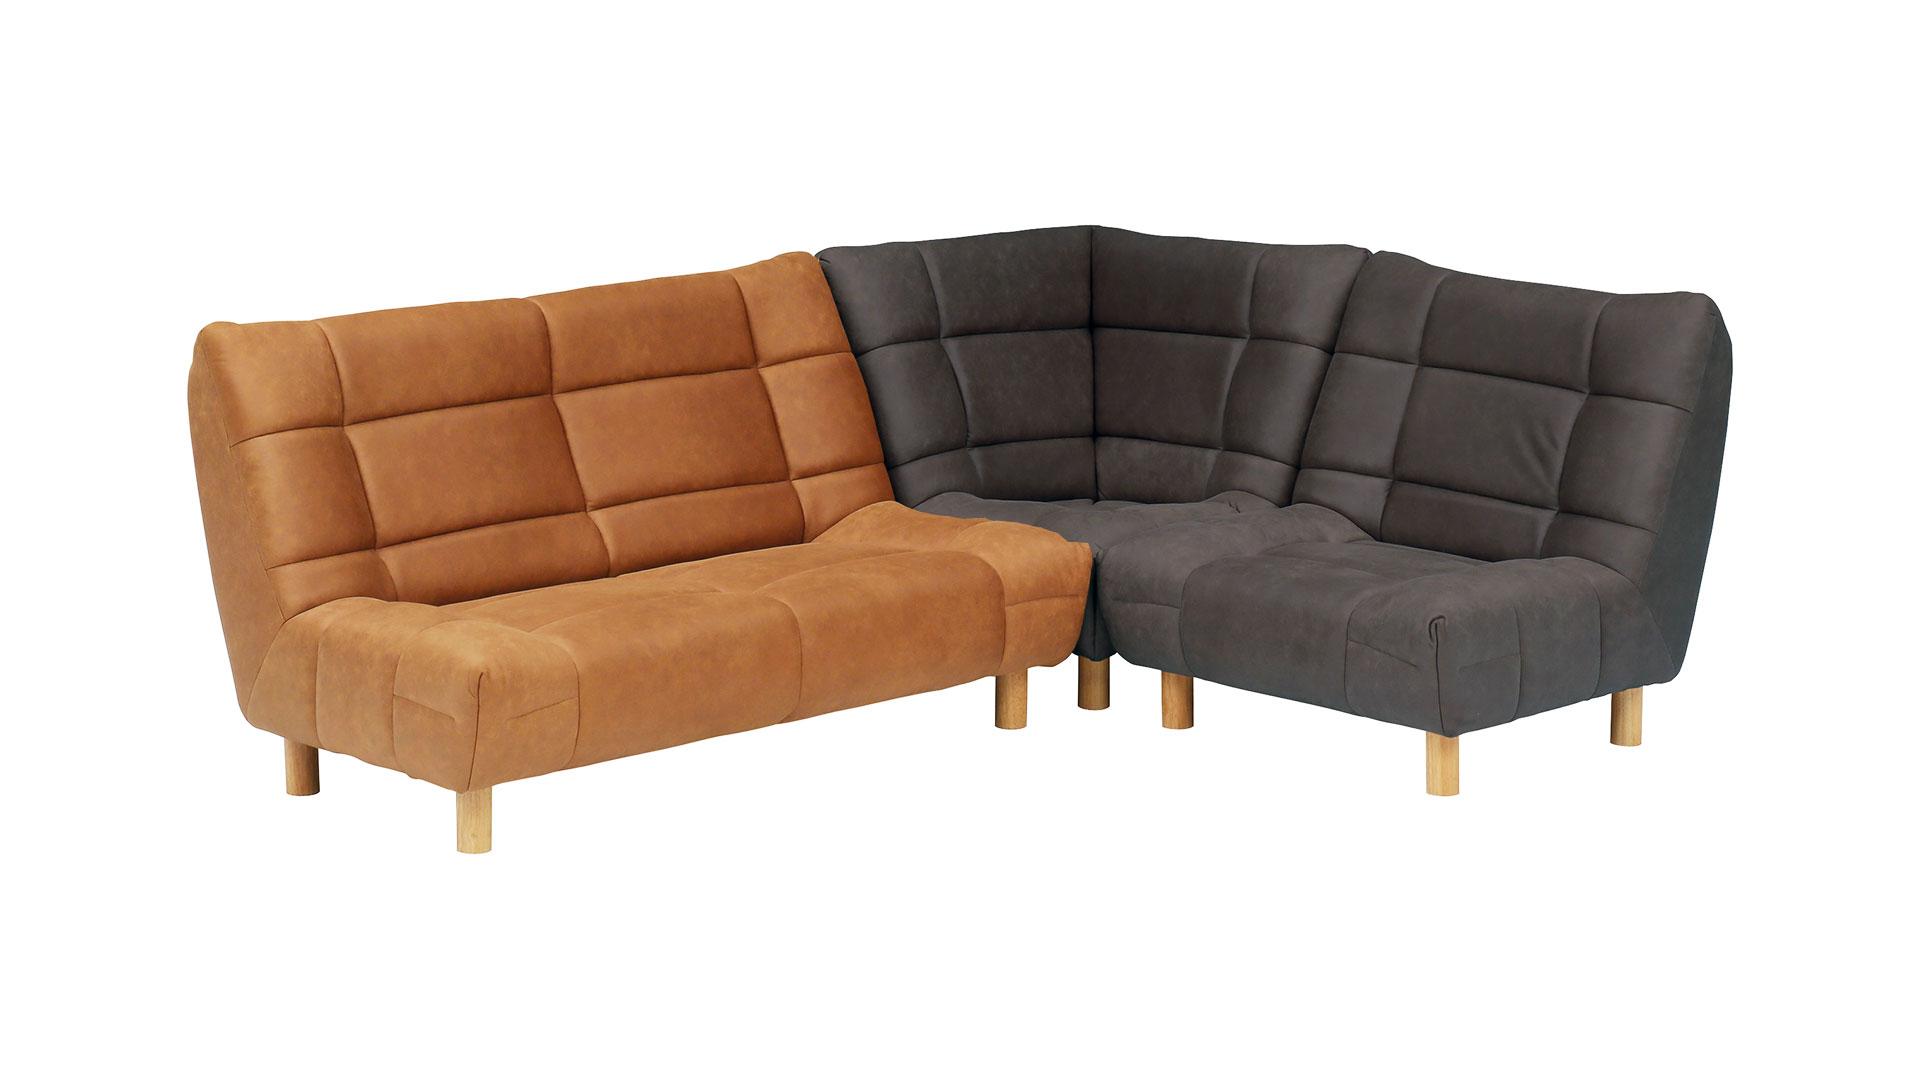 リビンズのソファ「チャオ」のファブリックレザーのダークグレーとキャメルの色の画像